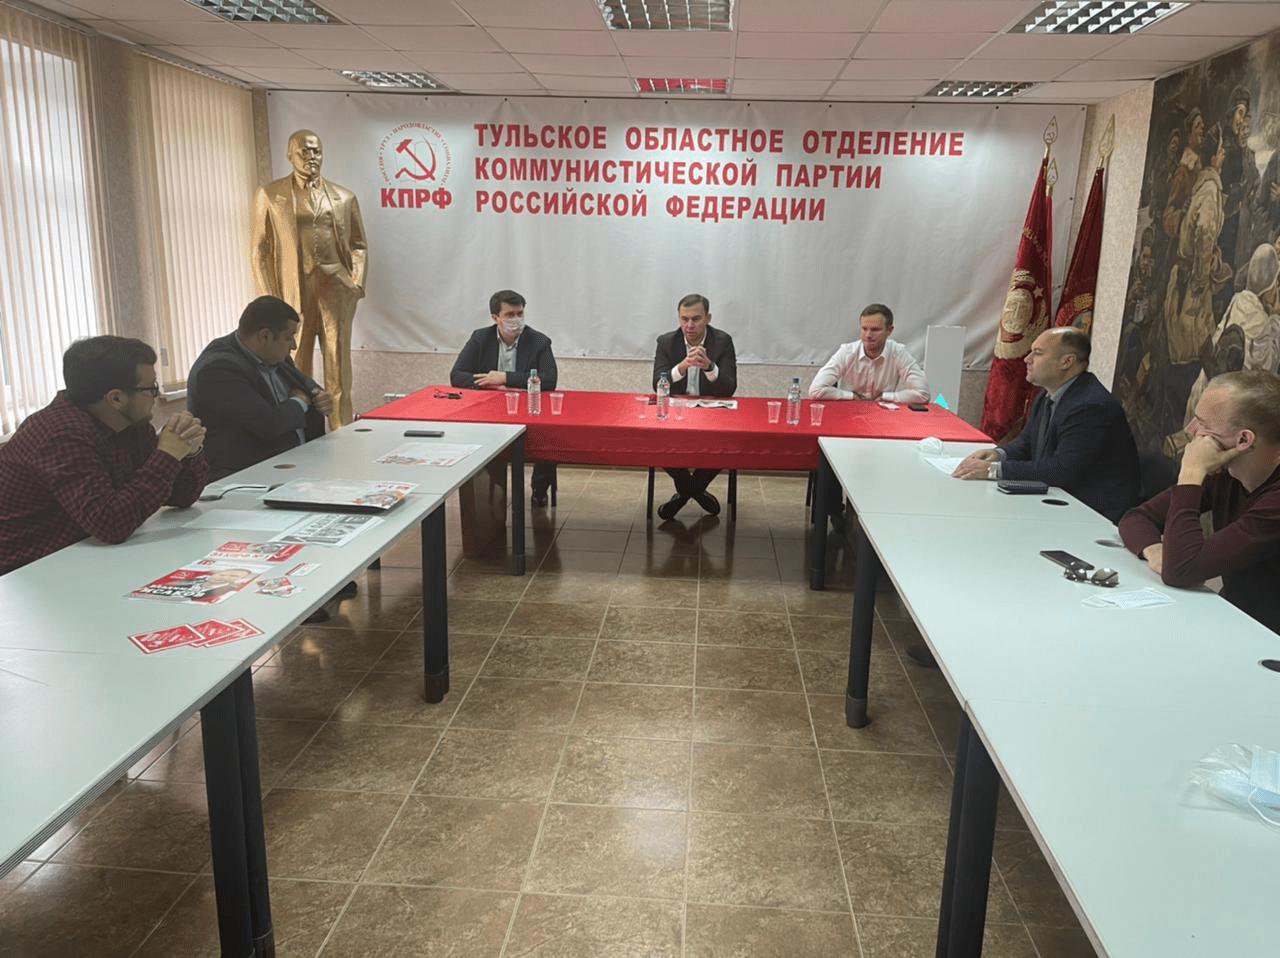 Ю.В. Афонин провёл в Туле совещание с представителями Тульского, Калужского и Рязанского областных отделений КПРФ